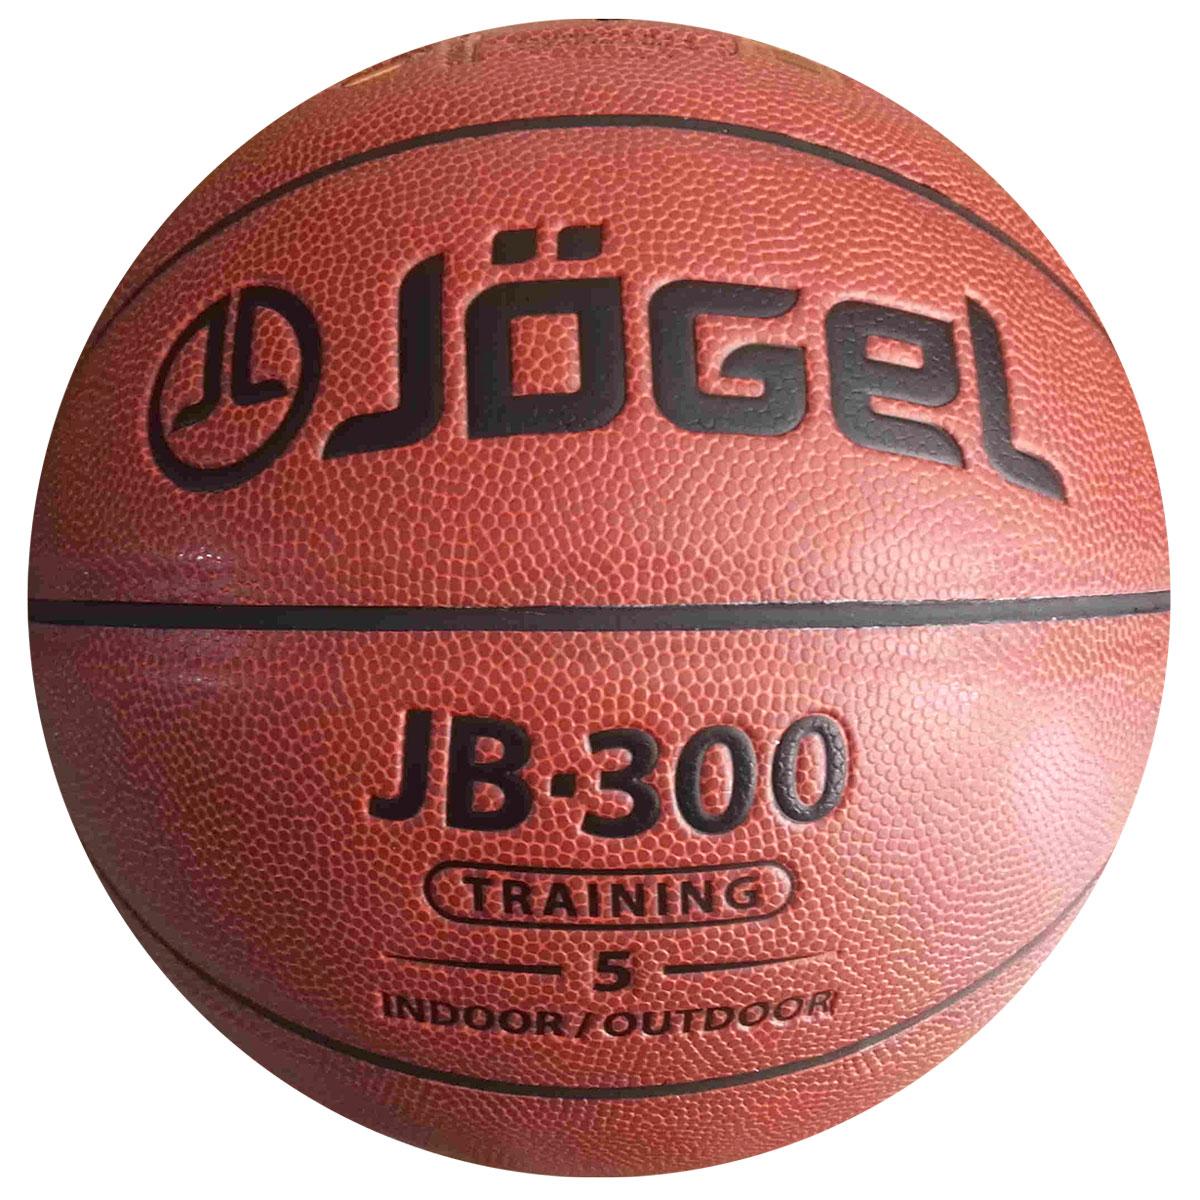 Мяч баскетбольный Jogel, цвет: коричневый. Размер 5. JB-300УТ-00009325Классический резиновый баскетбольный мяч Jogel часто используется в уличном баскетболе, учебных заведениях и СДЮШ.Покрышка мяча выполнена из износостойкой резины, поэтому с мячом можно играть на любой поверхности, как в зале, так и на улице. В создании мячей используется технология DeepChannel (глубокие каналы), благодаря которой достигается отличный контроль мяча во время броска и дриблинга.Камера выполнена из бутила.Мяч баскетбольный рекомендован для любительской игры, тренировок команд среднего уровня и любительских команд.Вес: 470-510 гр.Длина окружности: 69-71 см.Рекомендованное давление: 0.5-0.6 бар.УВАЖАЕМЫЕ КЛИЕНТЫ!Обращаем ваше внимание на тот факт, что мяч поставляется в сдутом виде. Насос в комплект не входит.